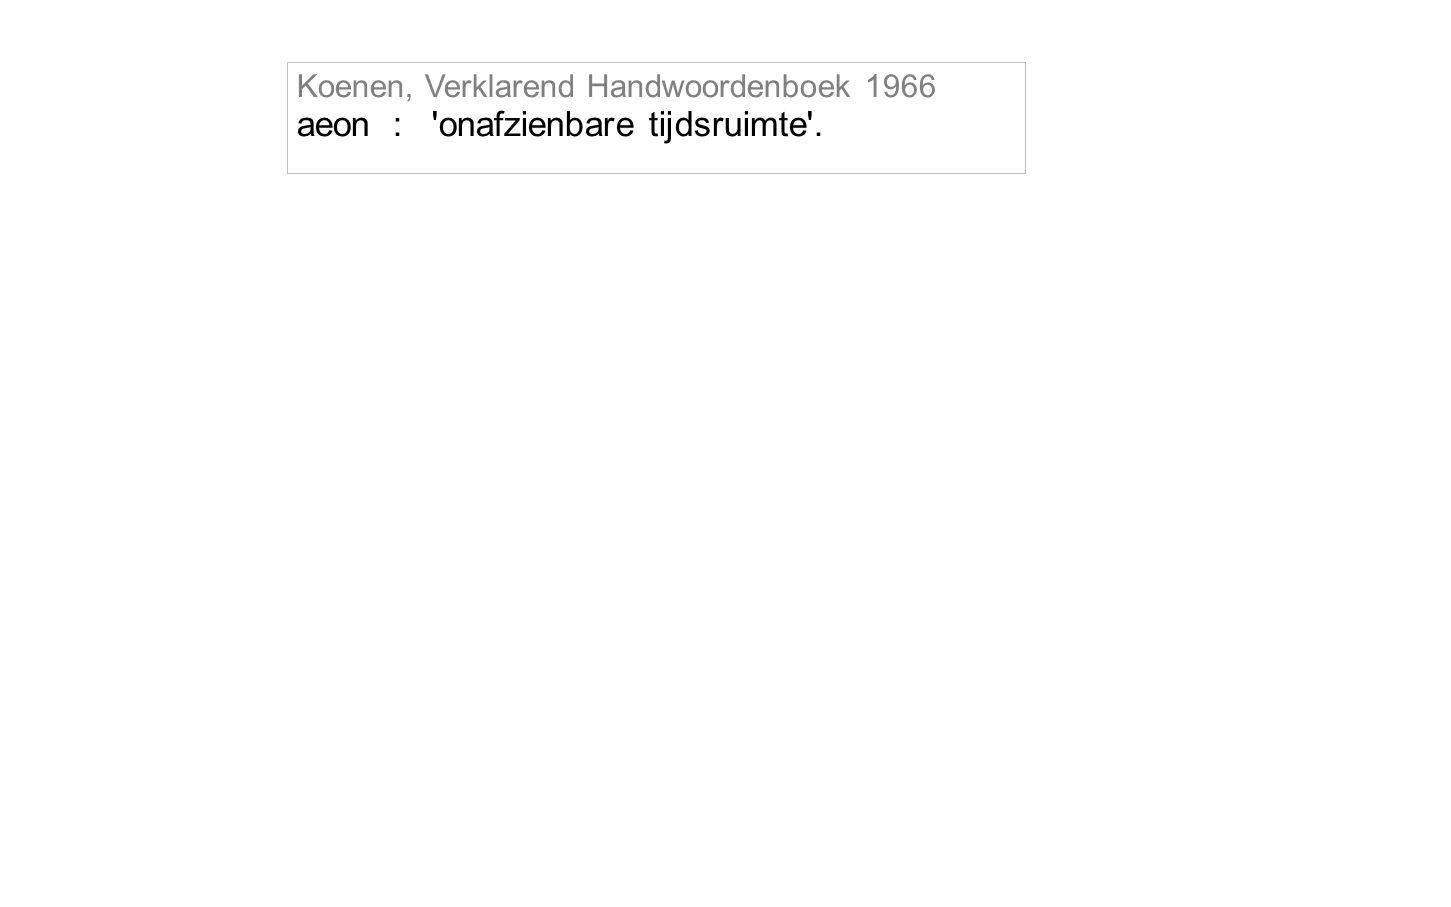 Koenen, Verklarend Handwoordenboek 1966 aeon : onafzienbare tijdsruimte .